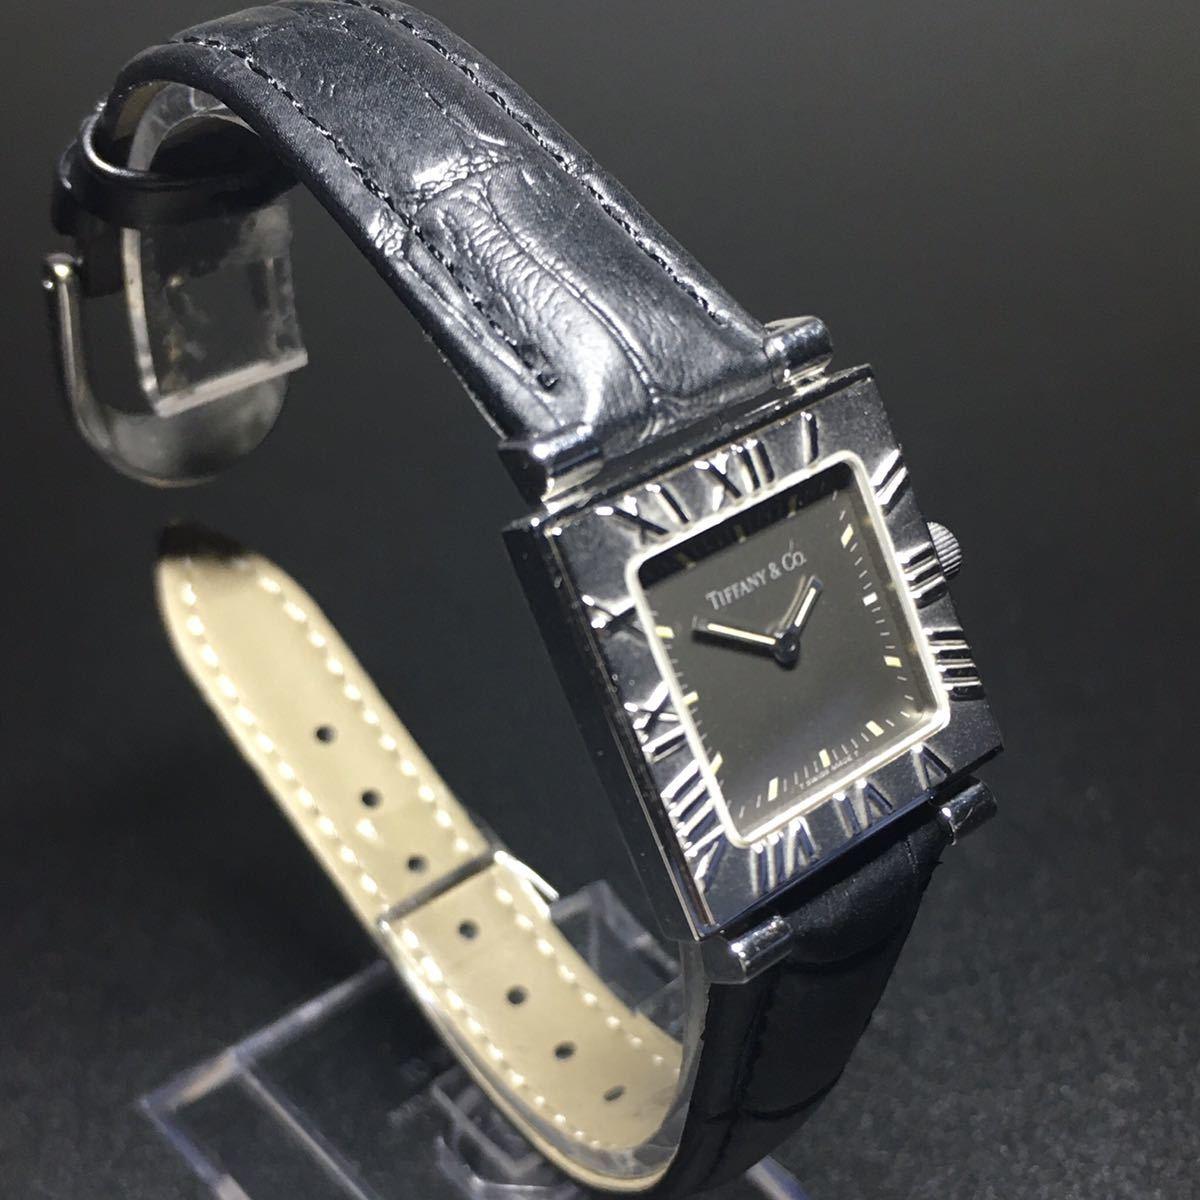 【美品 正規品】ティファニー 腕時計 アトラス スクエア レディース 可動品 時計 TIFFANY クオーツ 【2006Ti10】_画像3